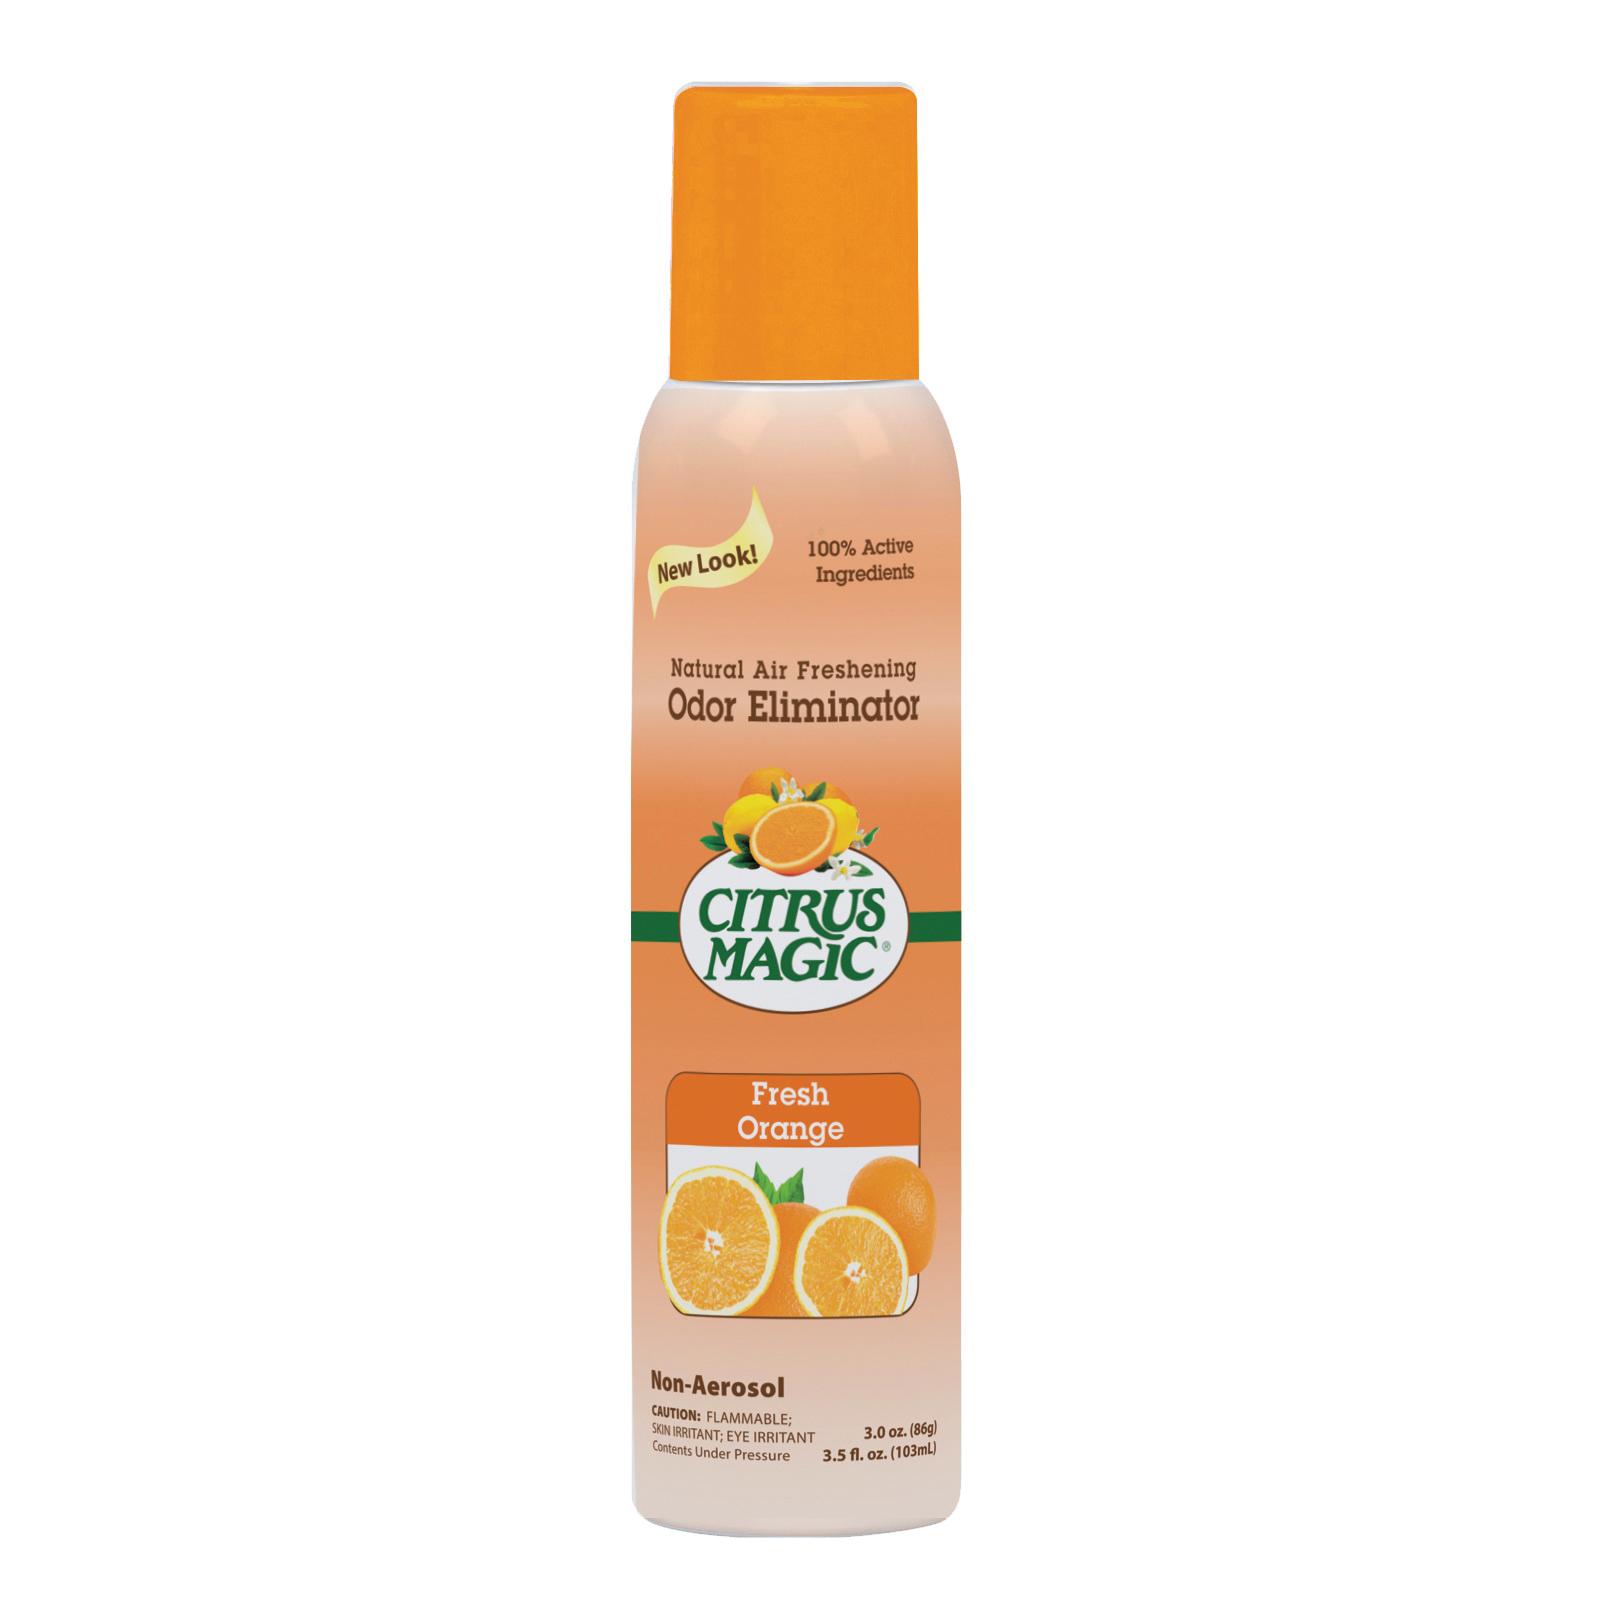 Citrus Magic 612112749-6PK